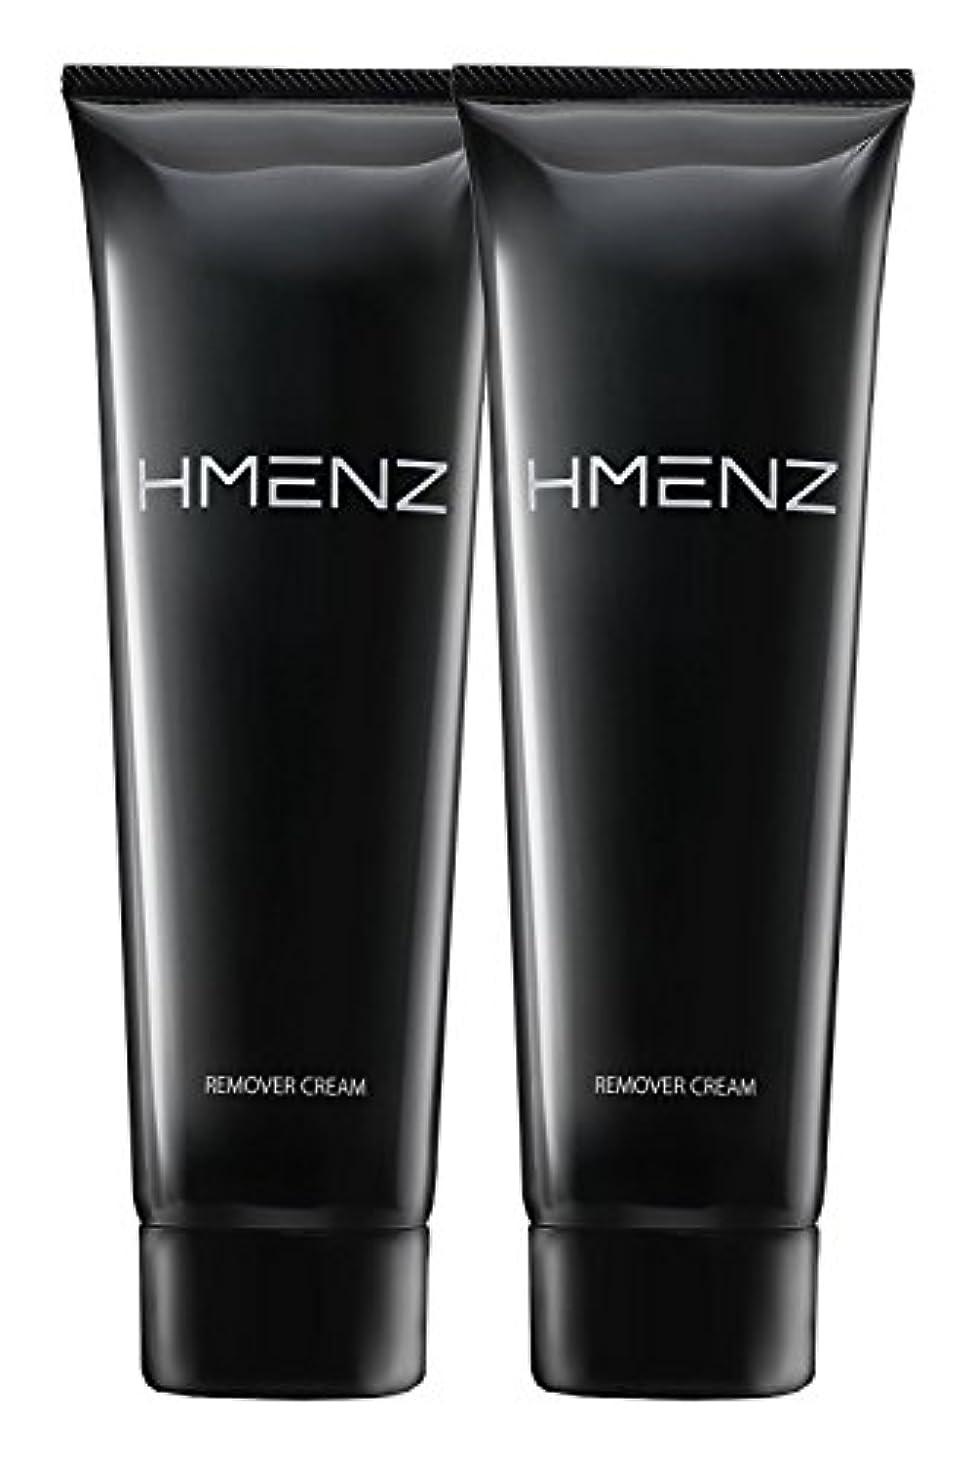 青ボクシング長くする医薬部外品 HMENZ メンズ 除毛クリーム 2個セット 陰部 使用可能 210g ×2